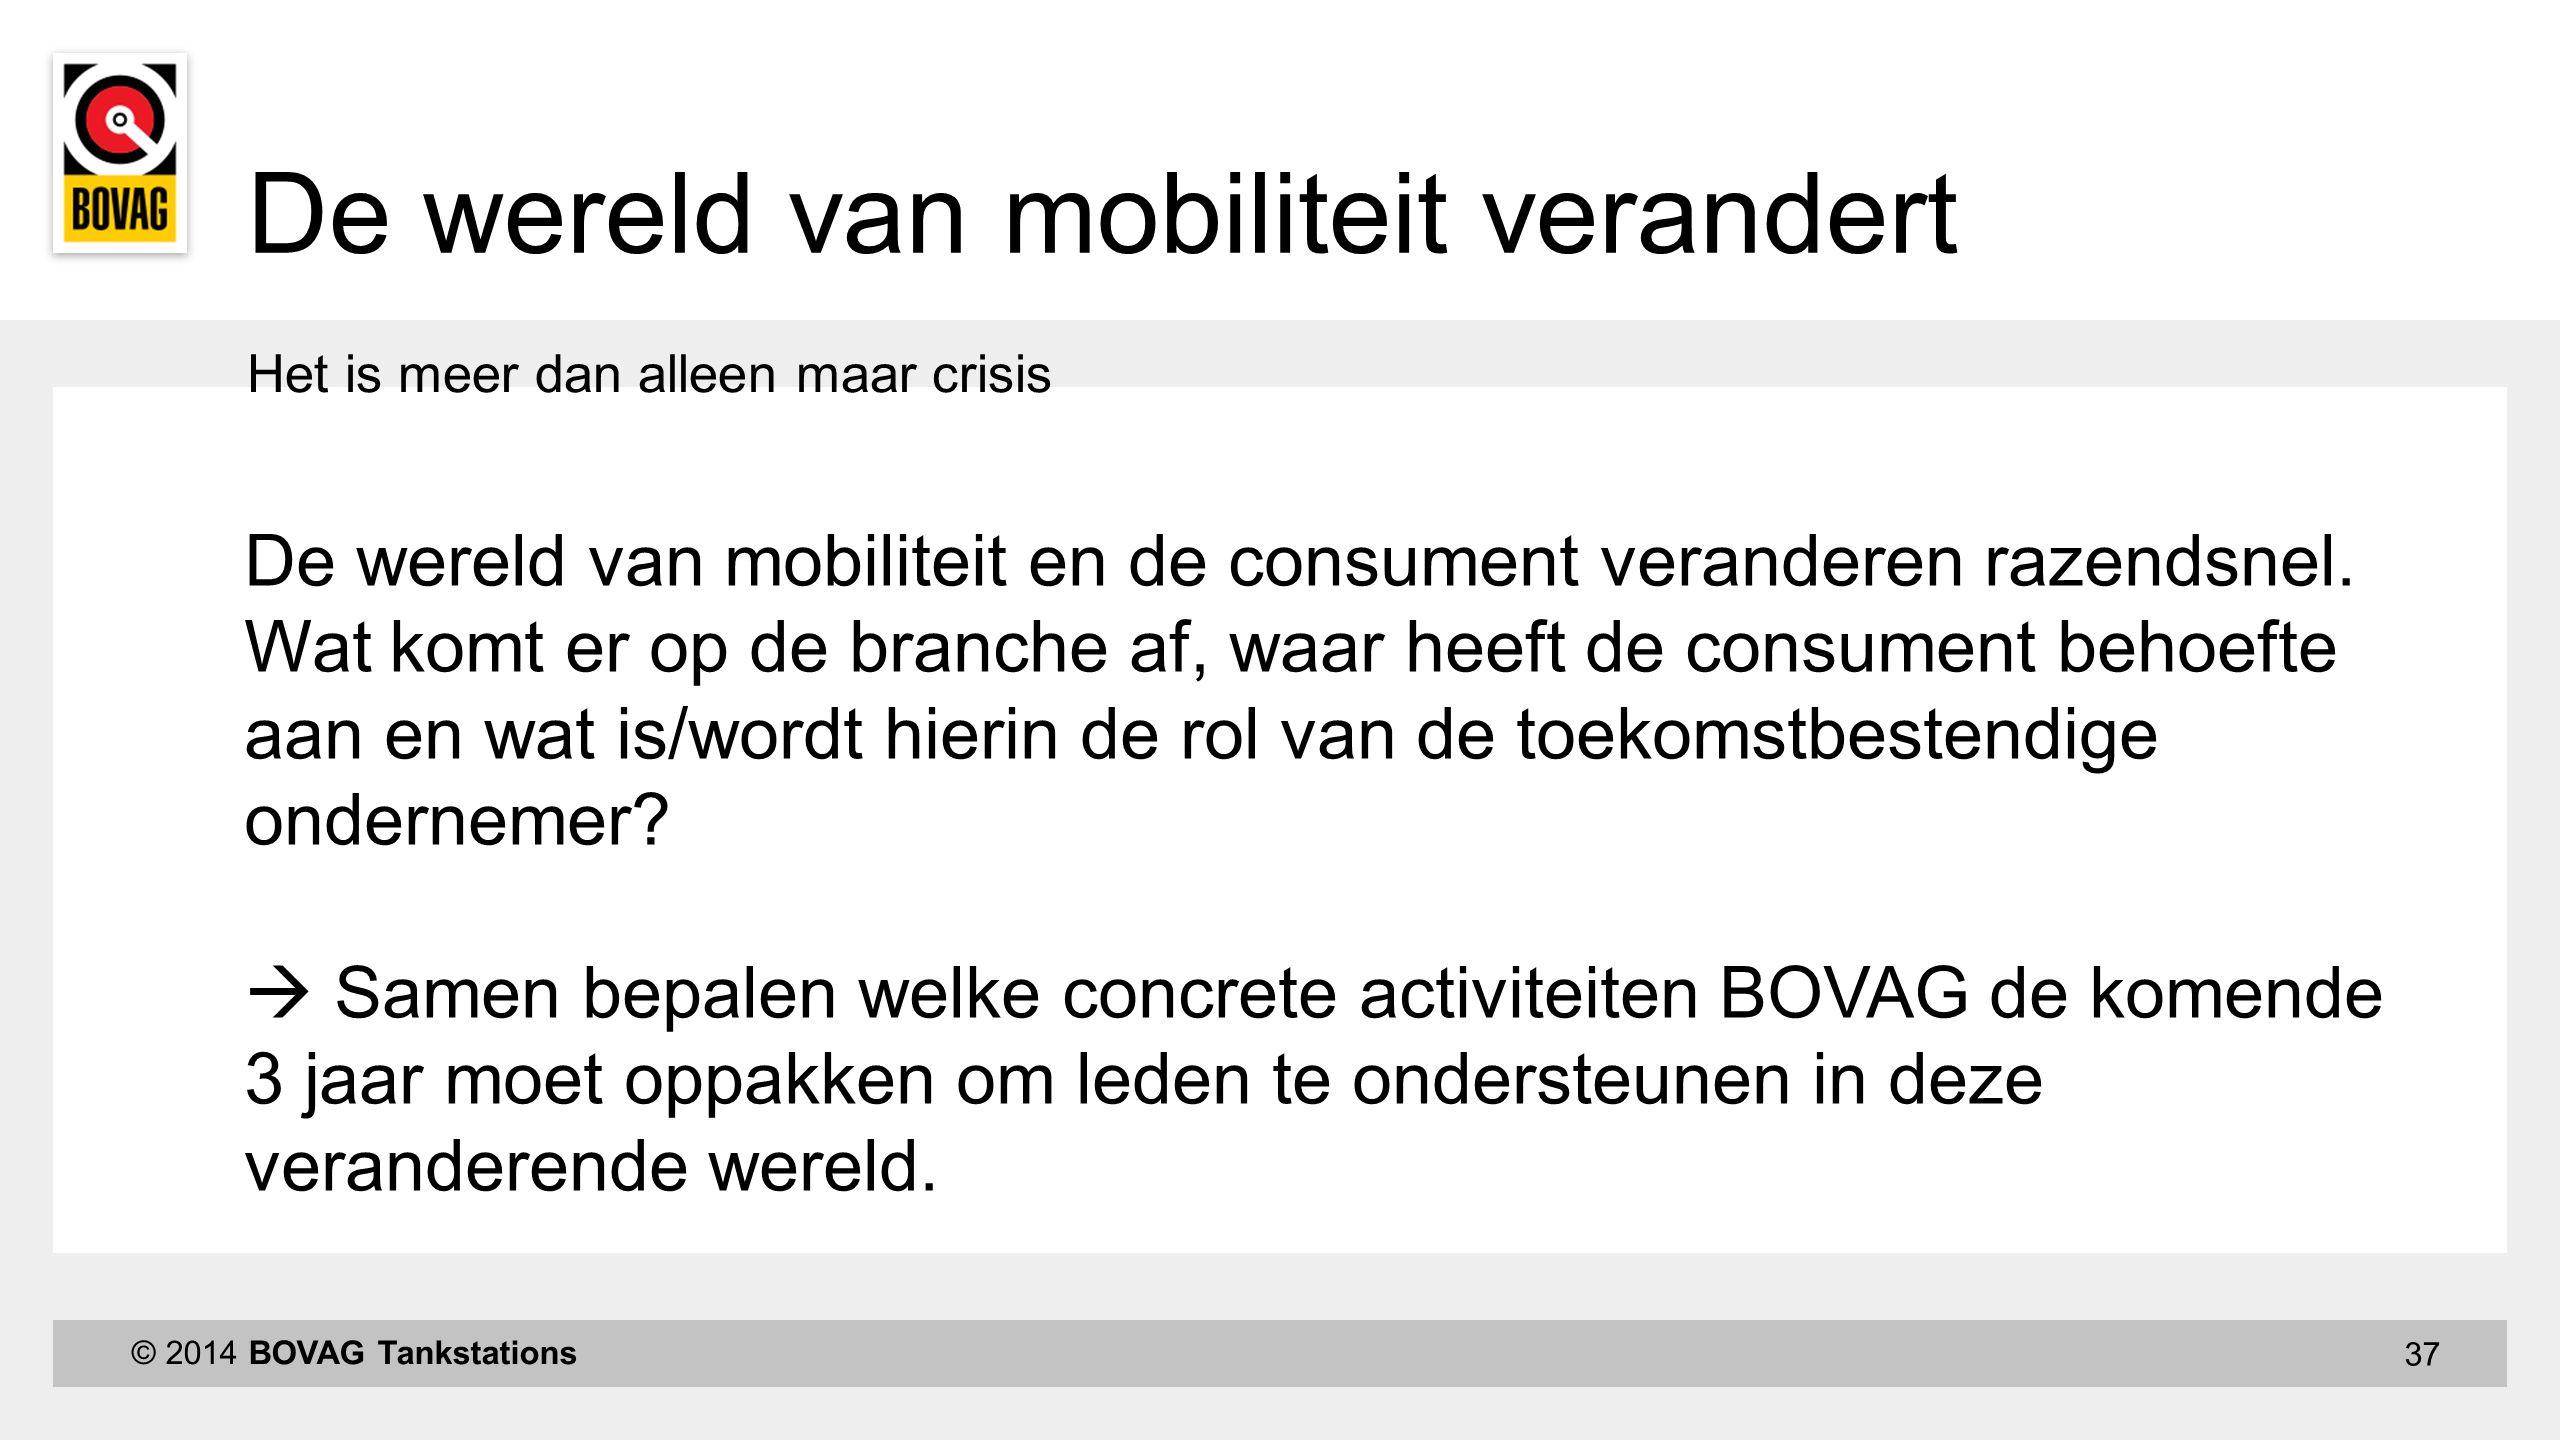 37 Het is meer dan alleen maar crisis © 2014 BOVAG Tankstations De wereld van mobiliteit verandert De wereld van mobiliteit en de consument veranderen razendsnel.